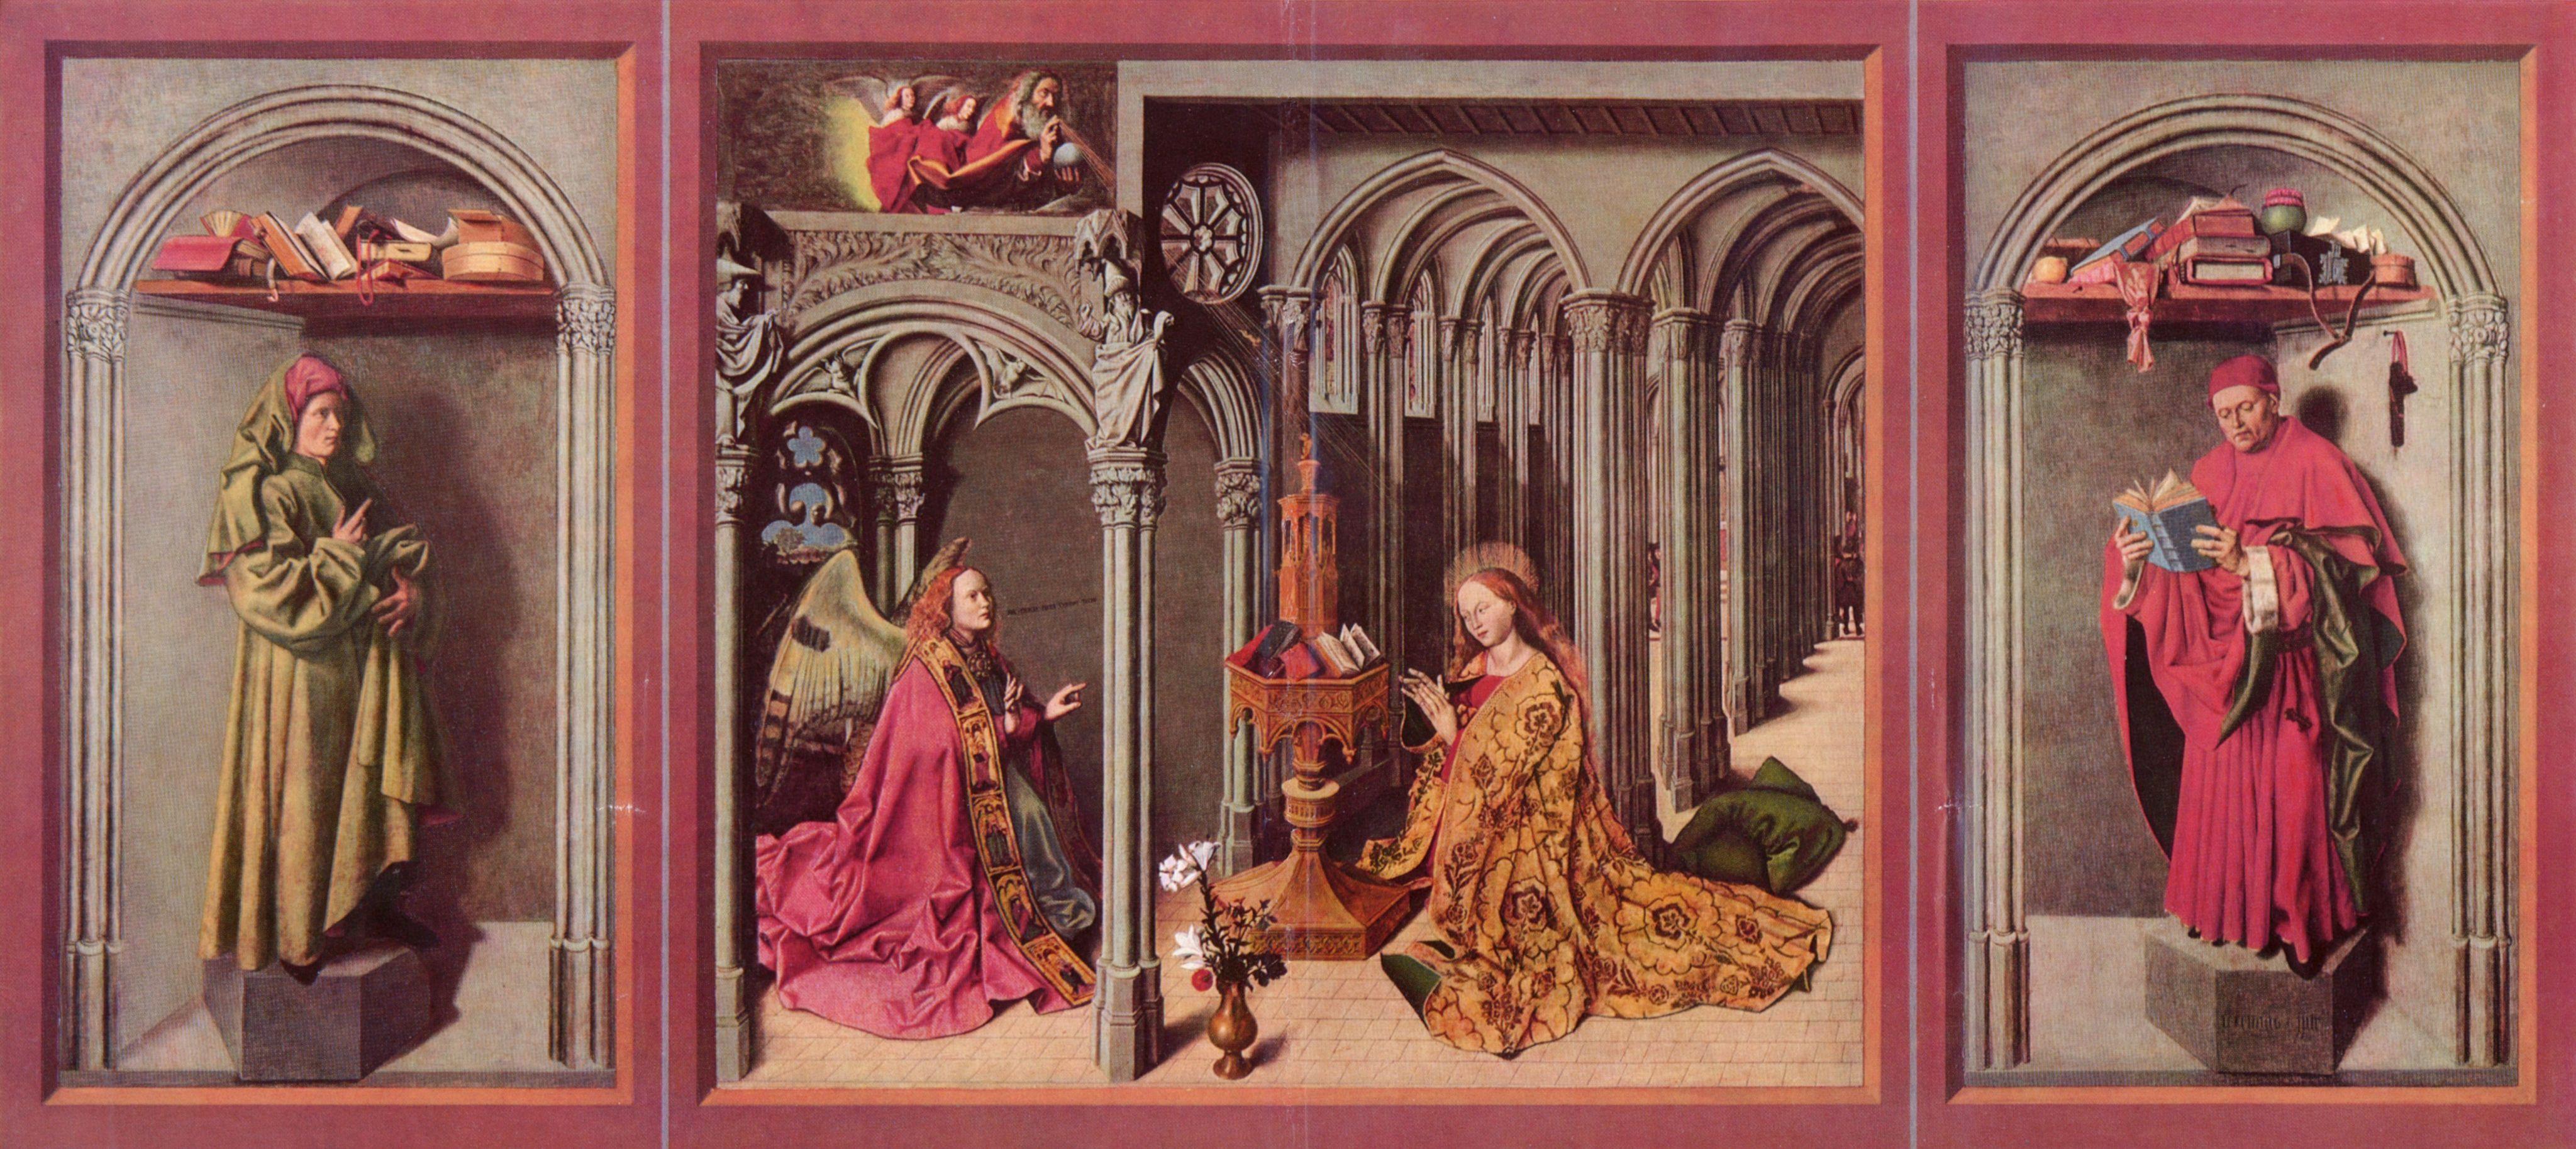 barthelemy-d'-eyck-verkuendigungsaltar-linker-fluegel-innenseite-unten-jesaias-mitteltafel-verkuendigung-an-maria-rechter-fluegel-innenseite-jeremias-(rekons_-02830